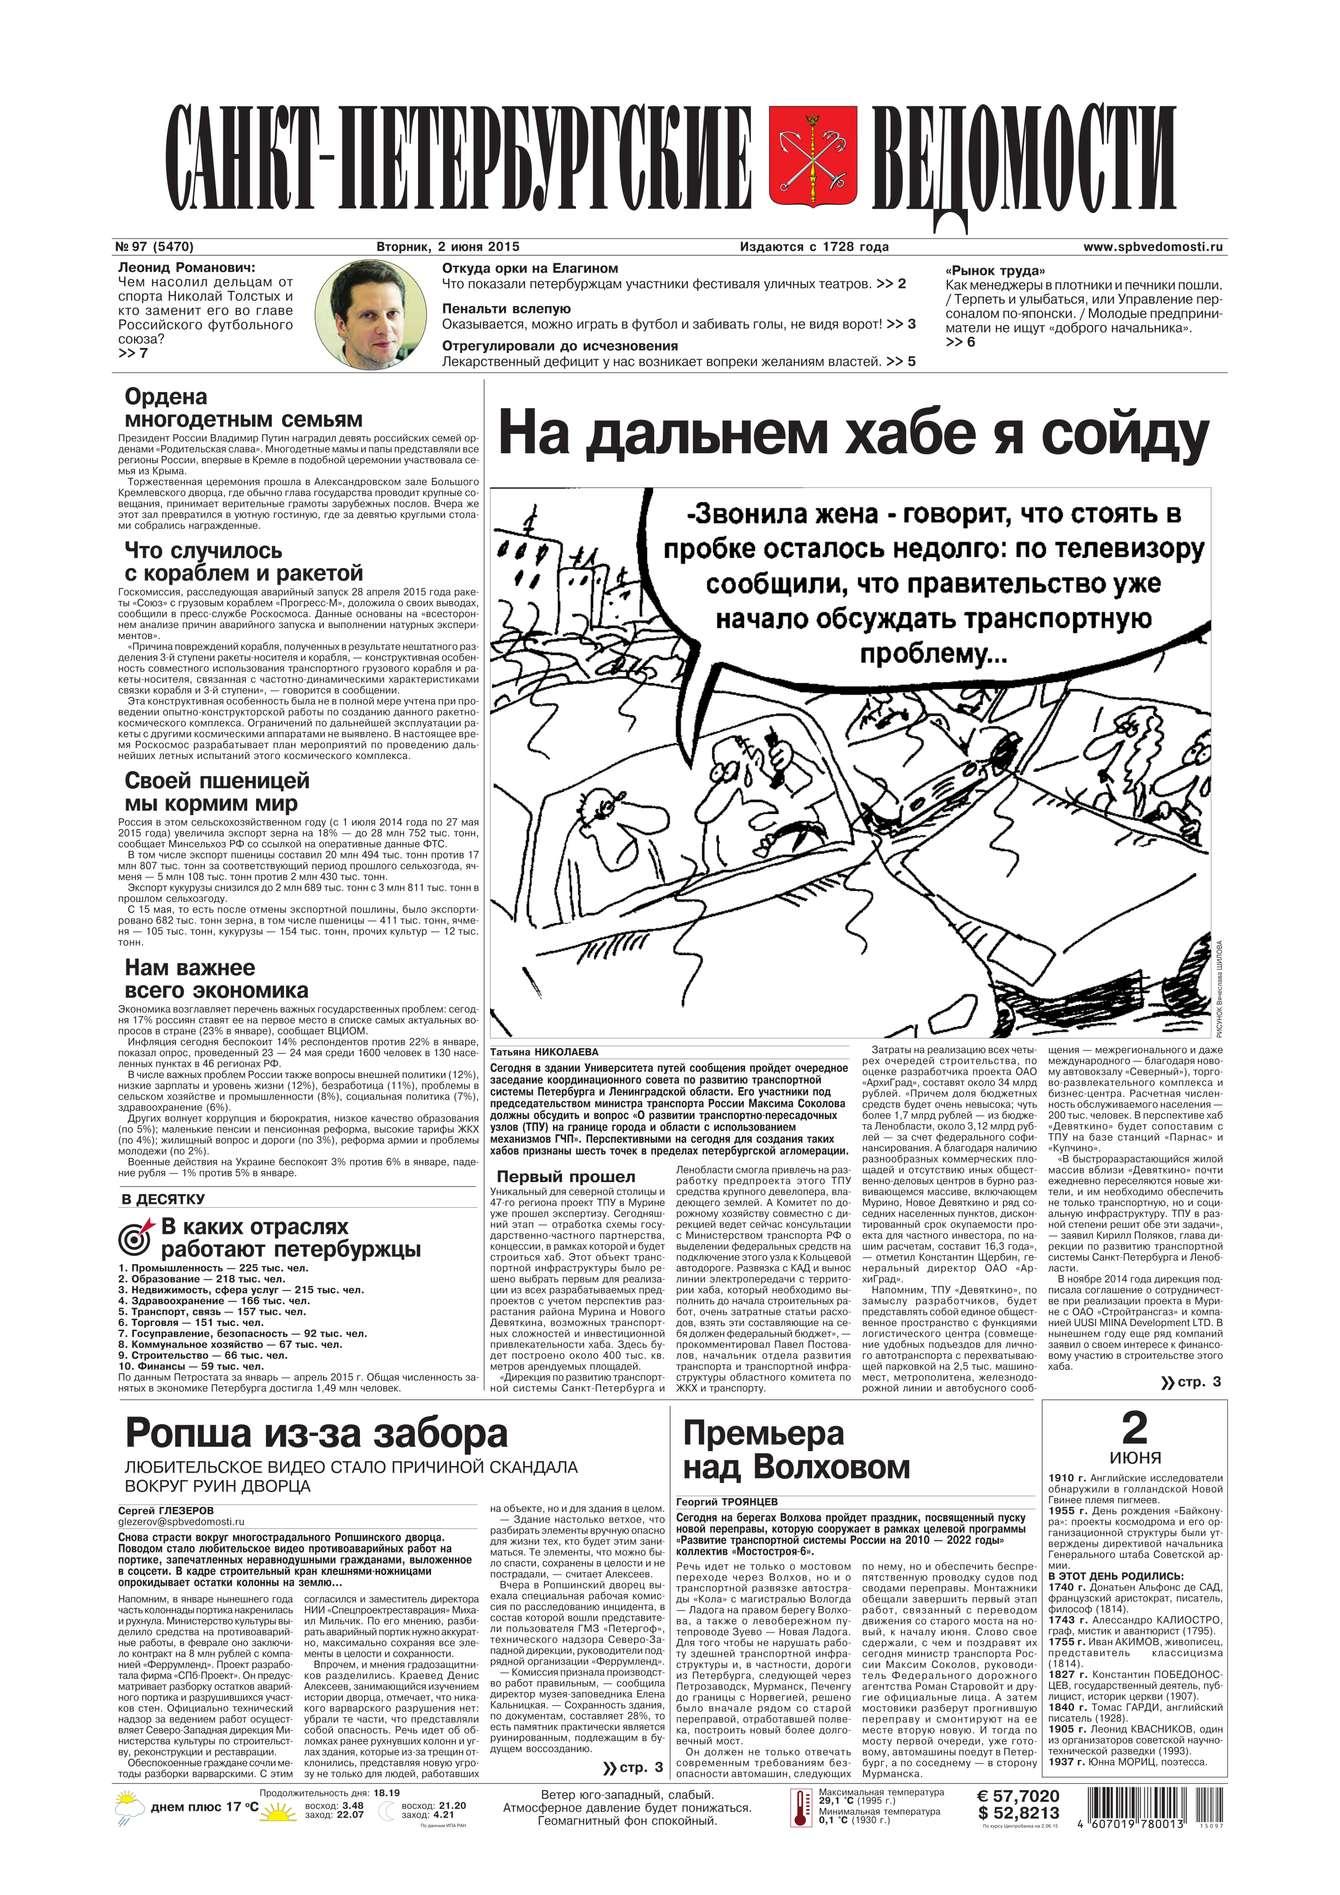 Санкт-Петербургские ведомости 97-2015